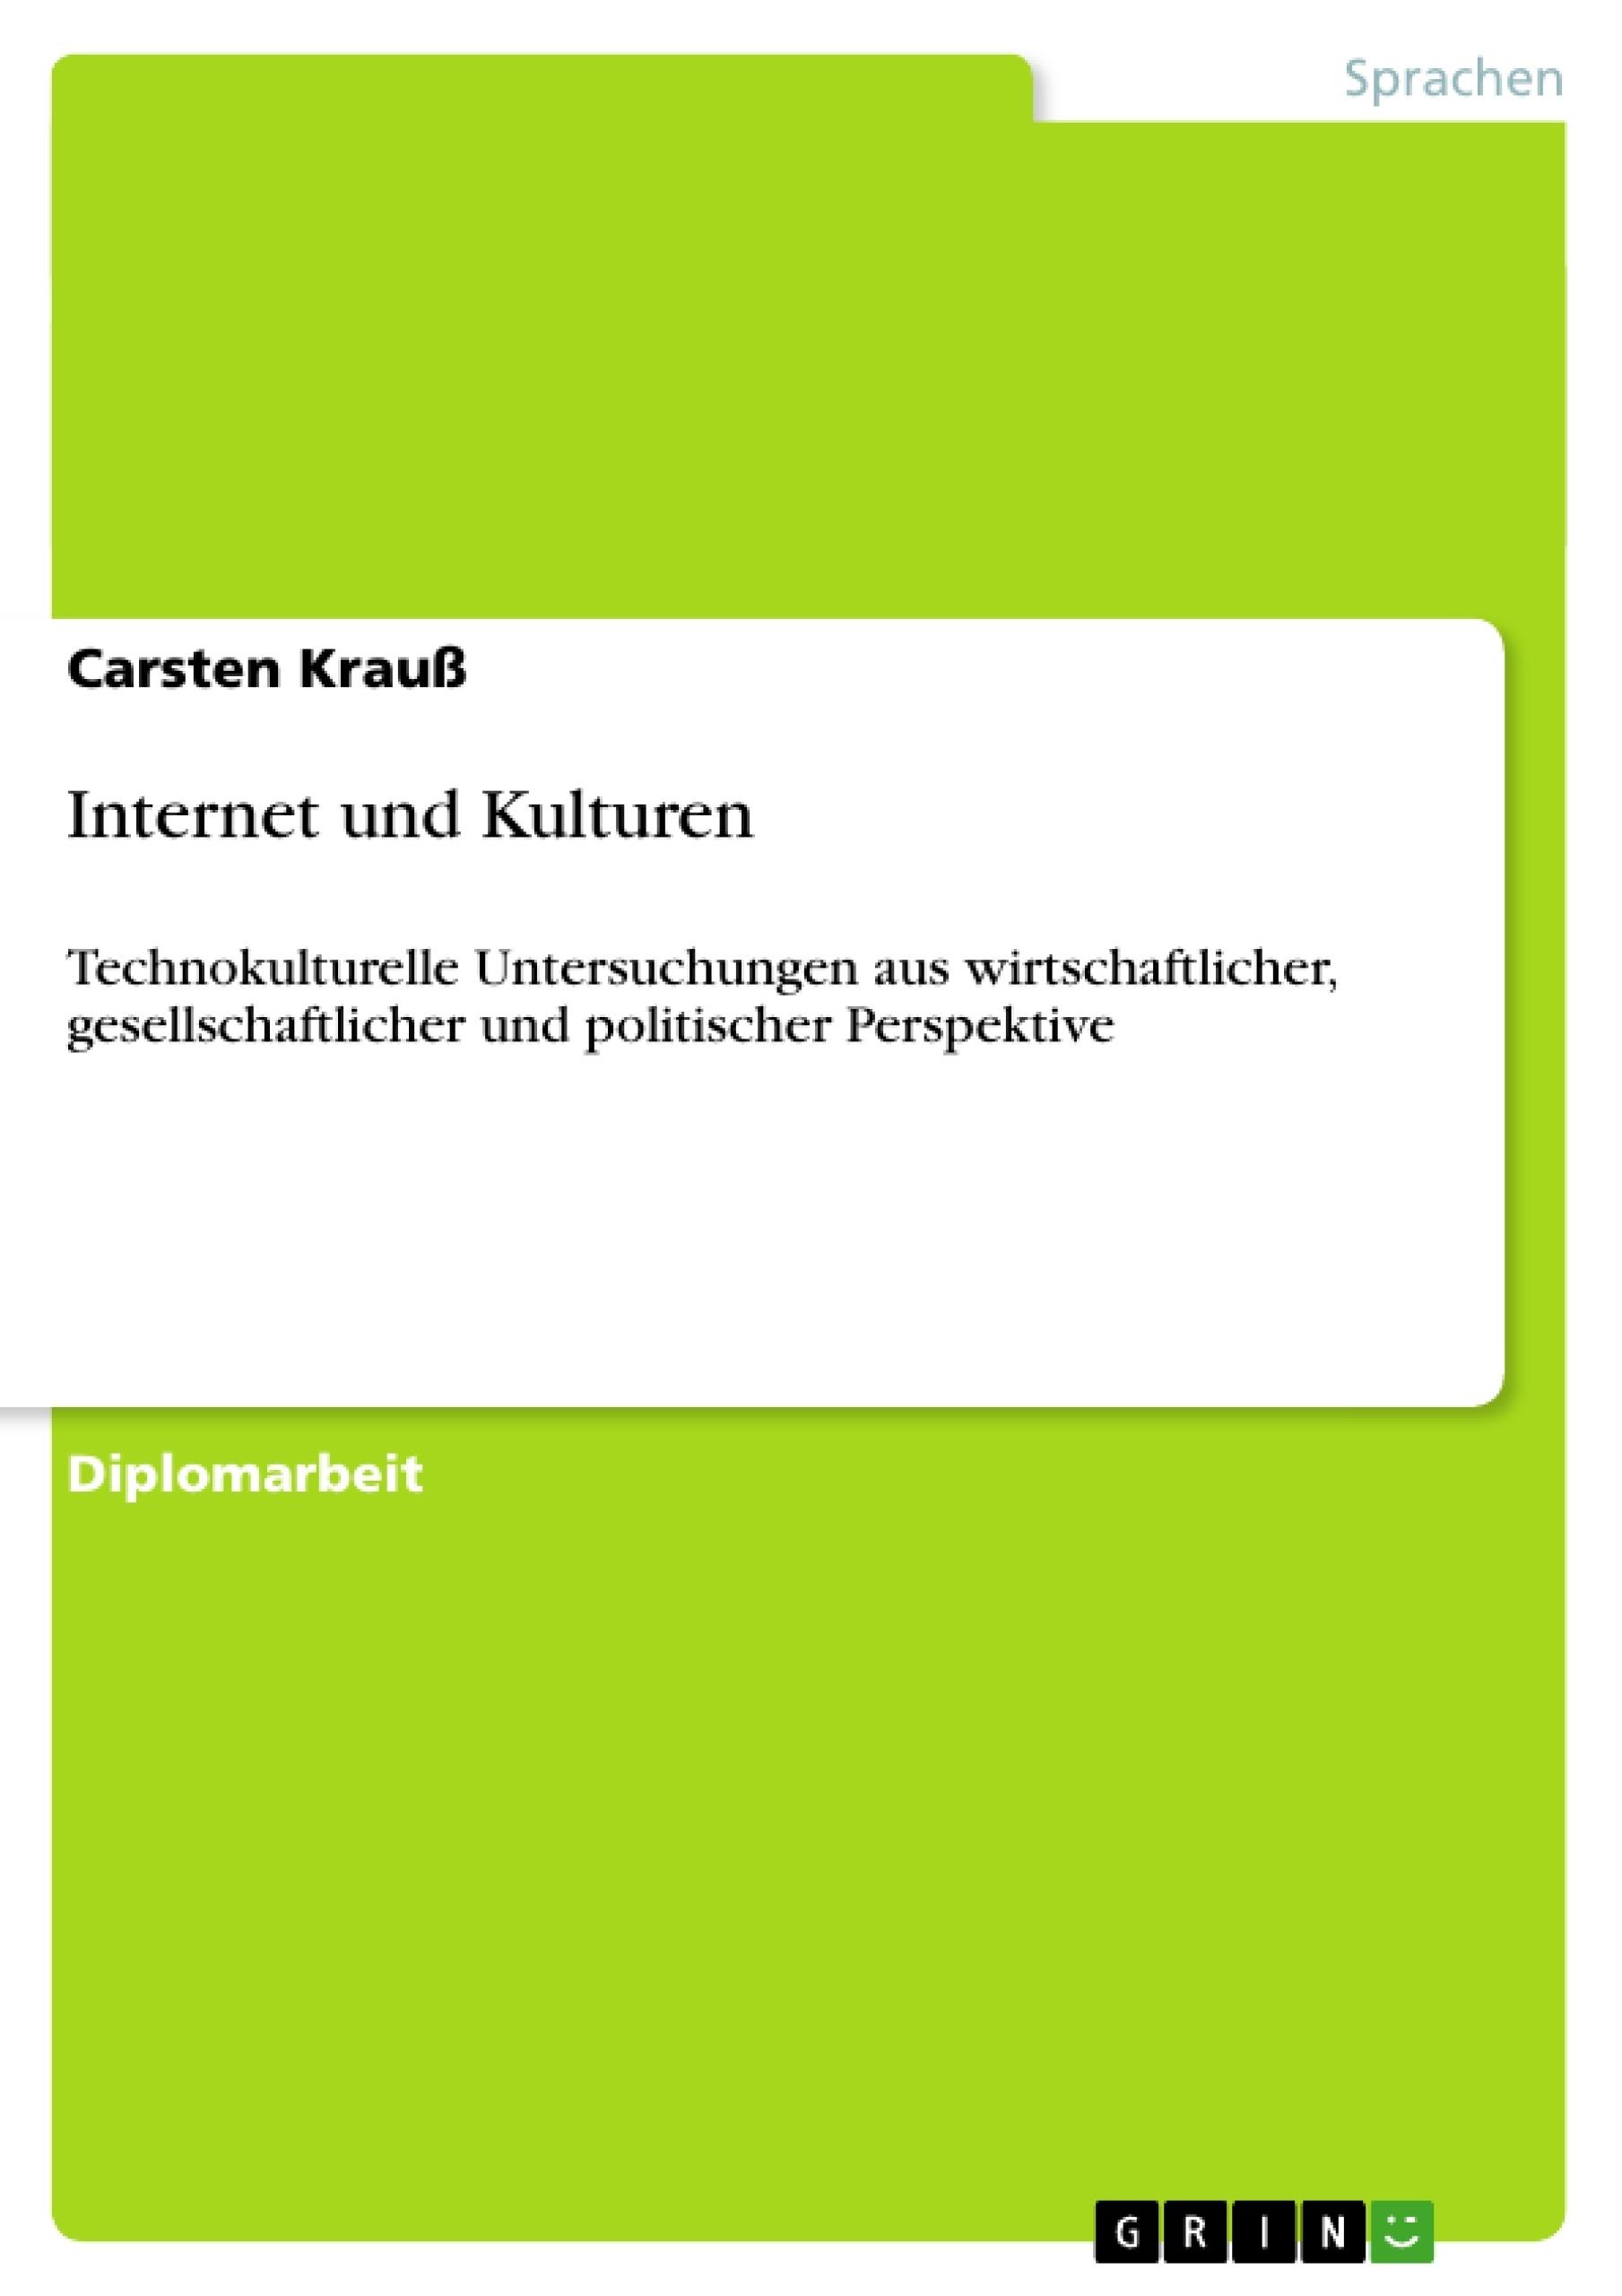 Titel: Internet und Kulturen